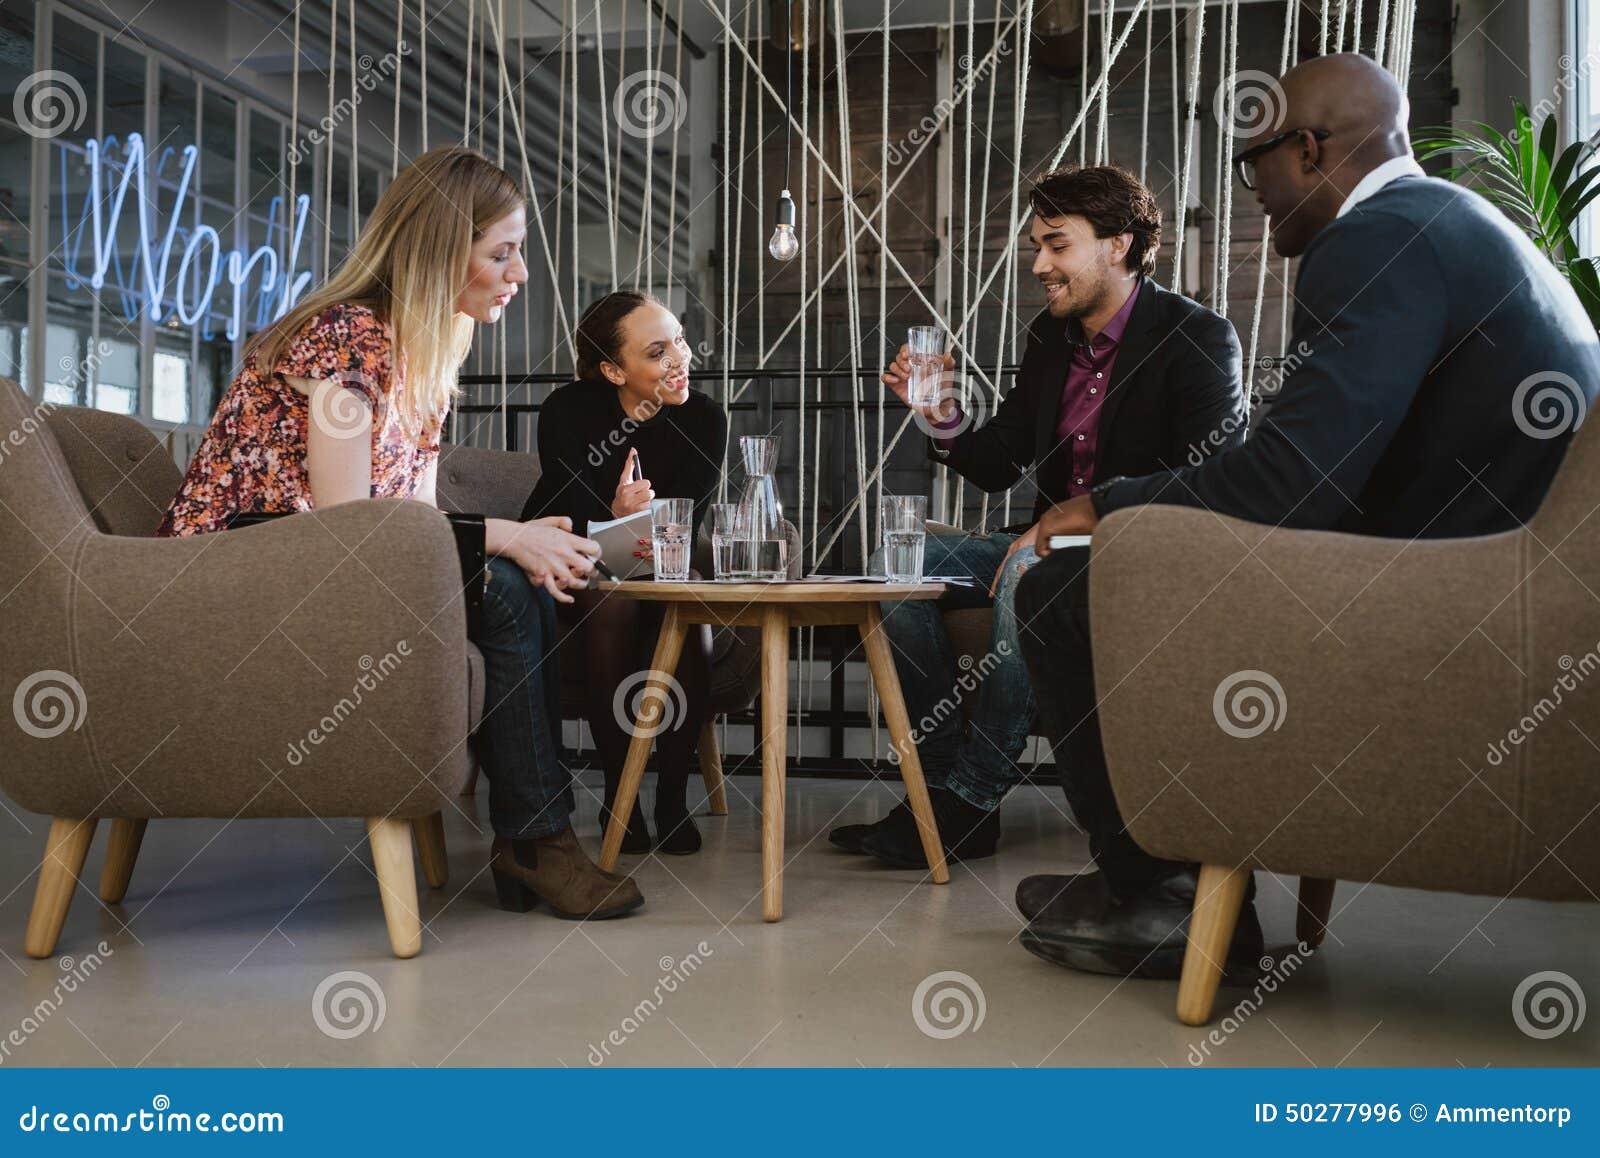 Ευτυχείς πολυφυλετικοί επιχειρηματίες στη συνεδρίαση